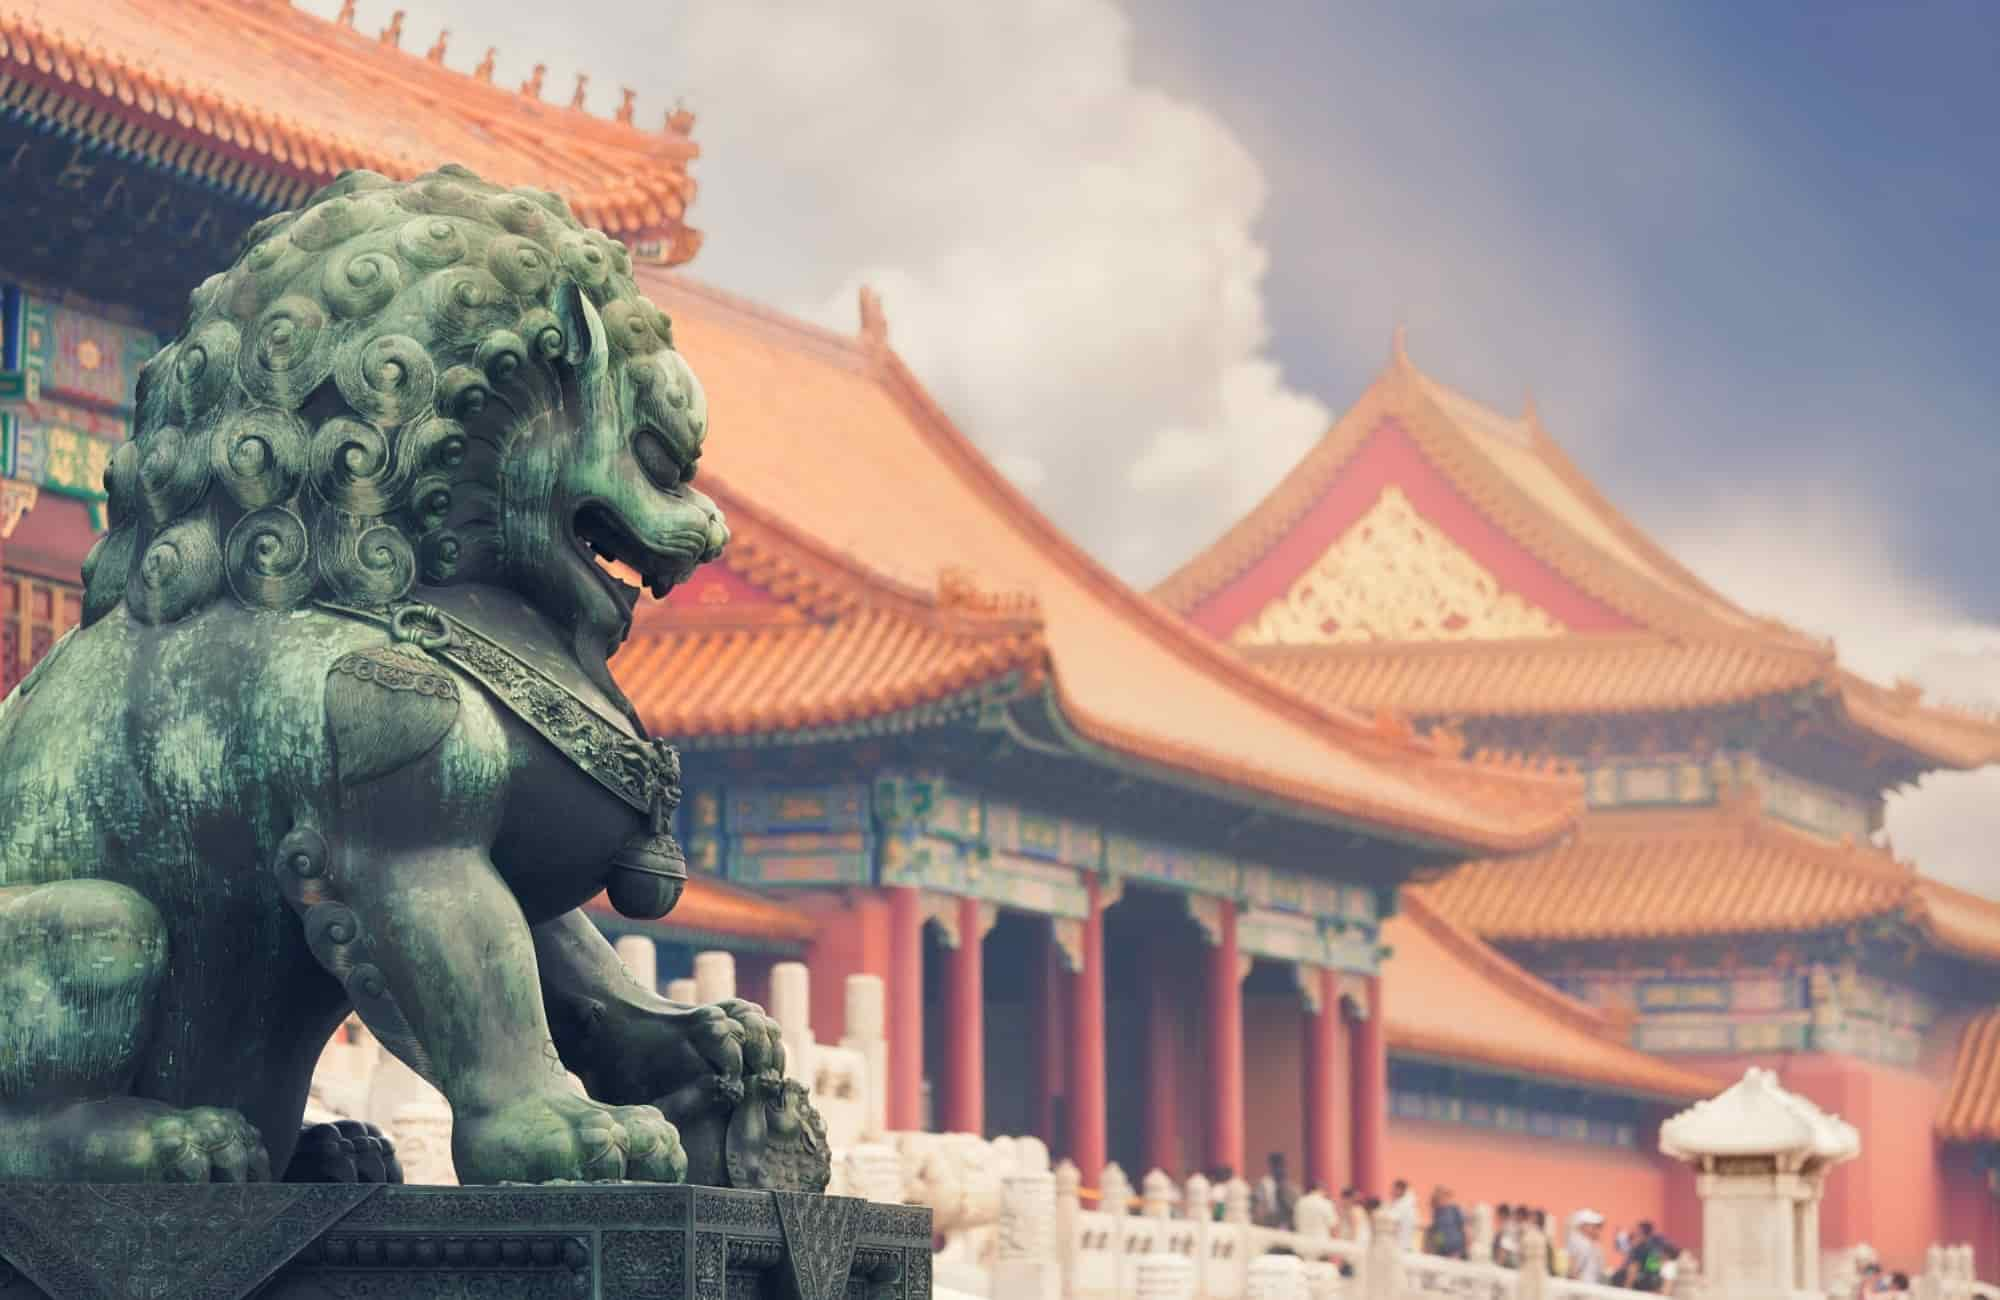 A Pékin, le lion en marbre veille sur la Cité Interdite